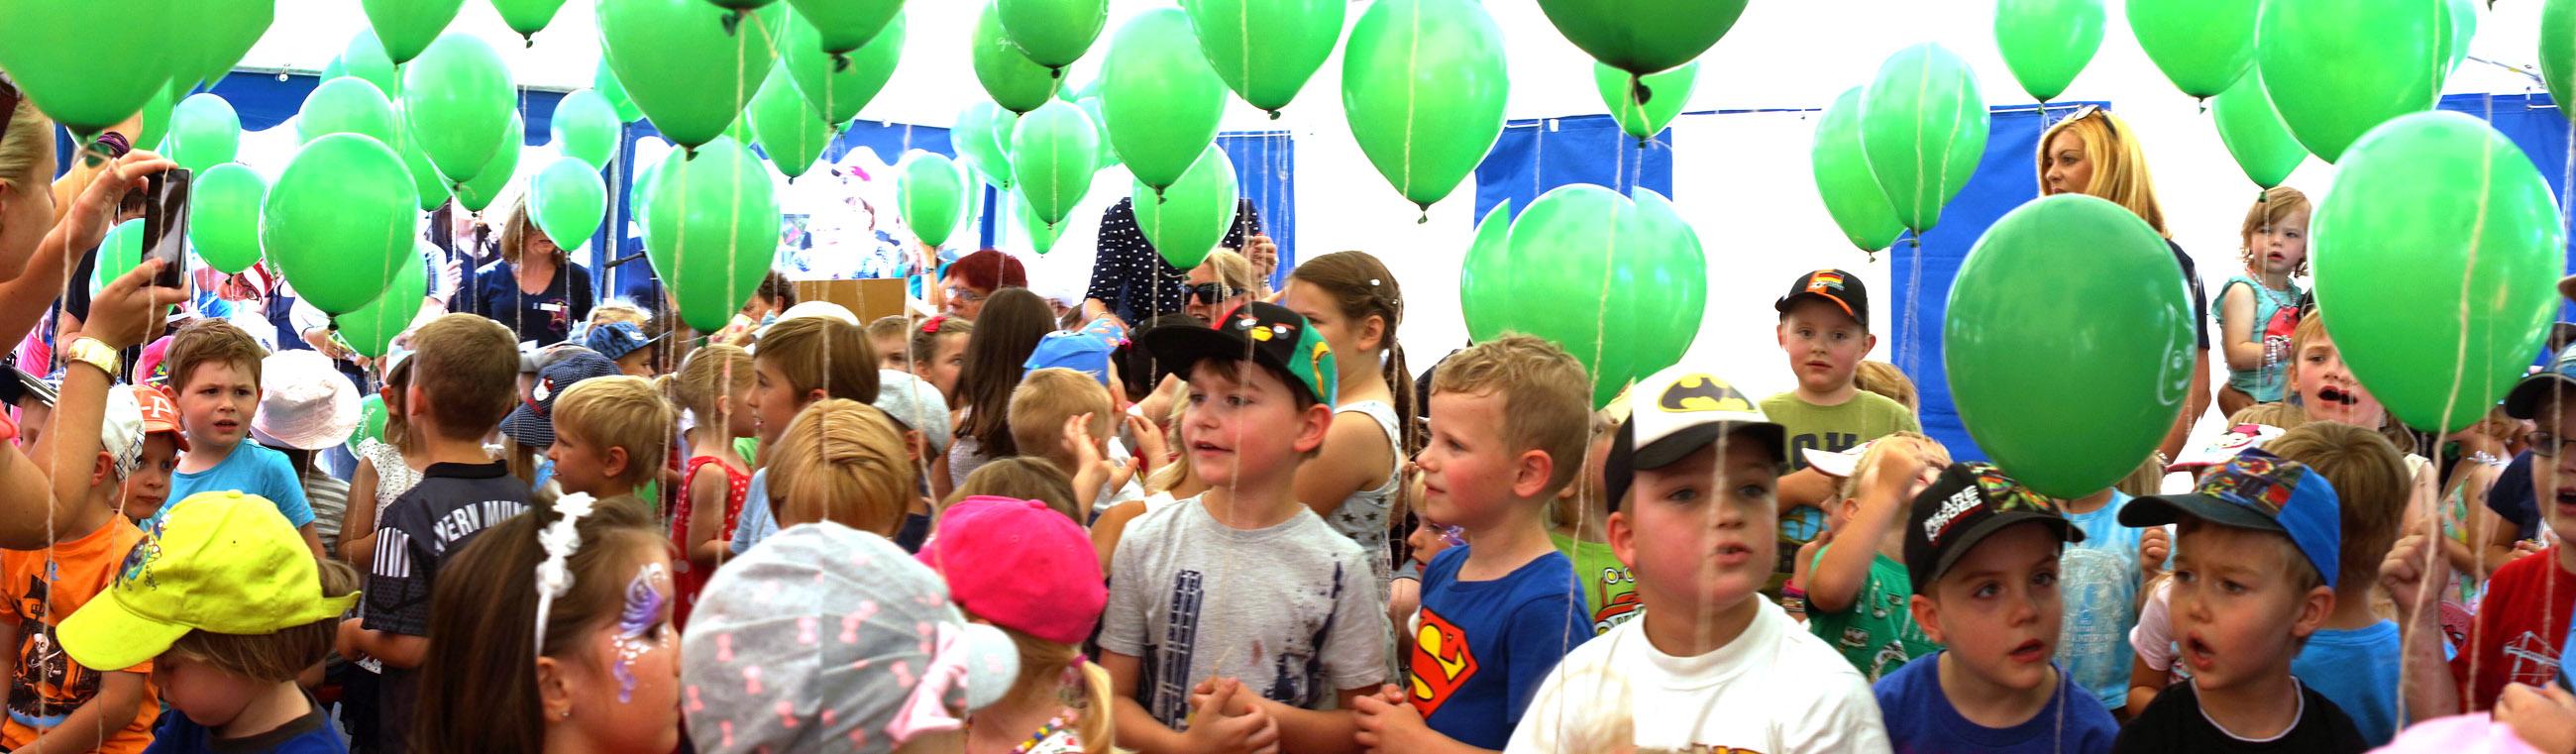 Neuer Kindergarten Rattelsdorf 2015 3